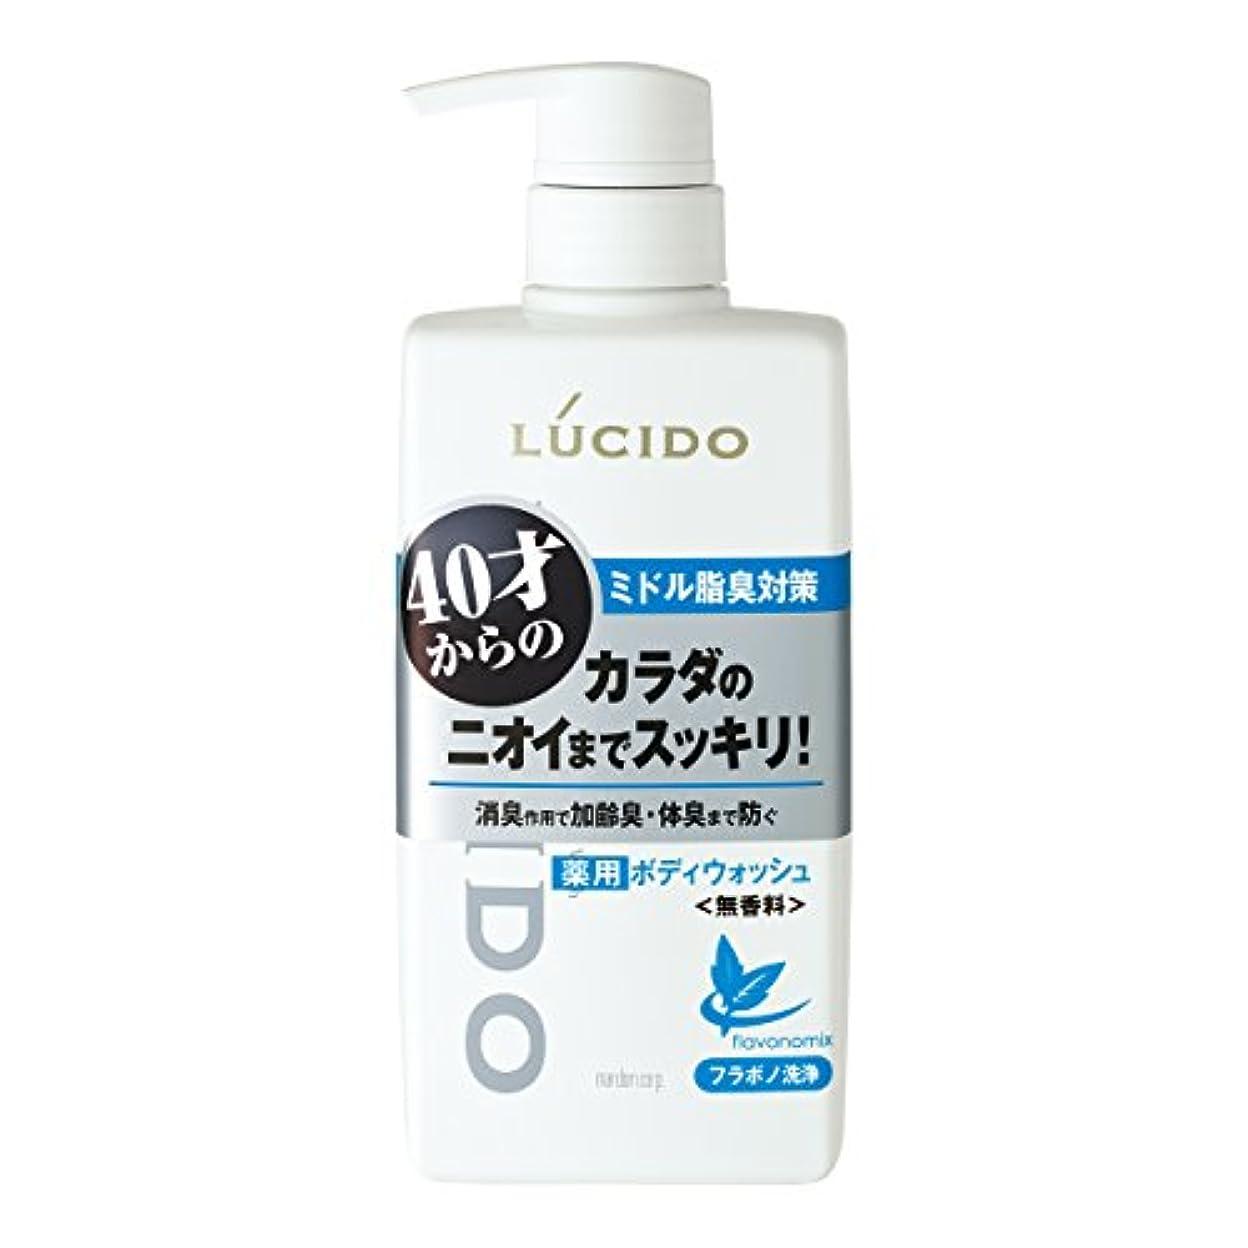 欺ふざけたアボートルシード 薬用デオドラントボディウォッシュ 450mL (医薬部外品)